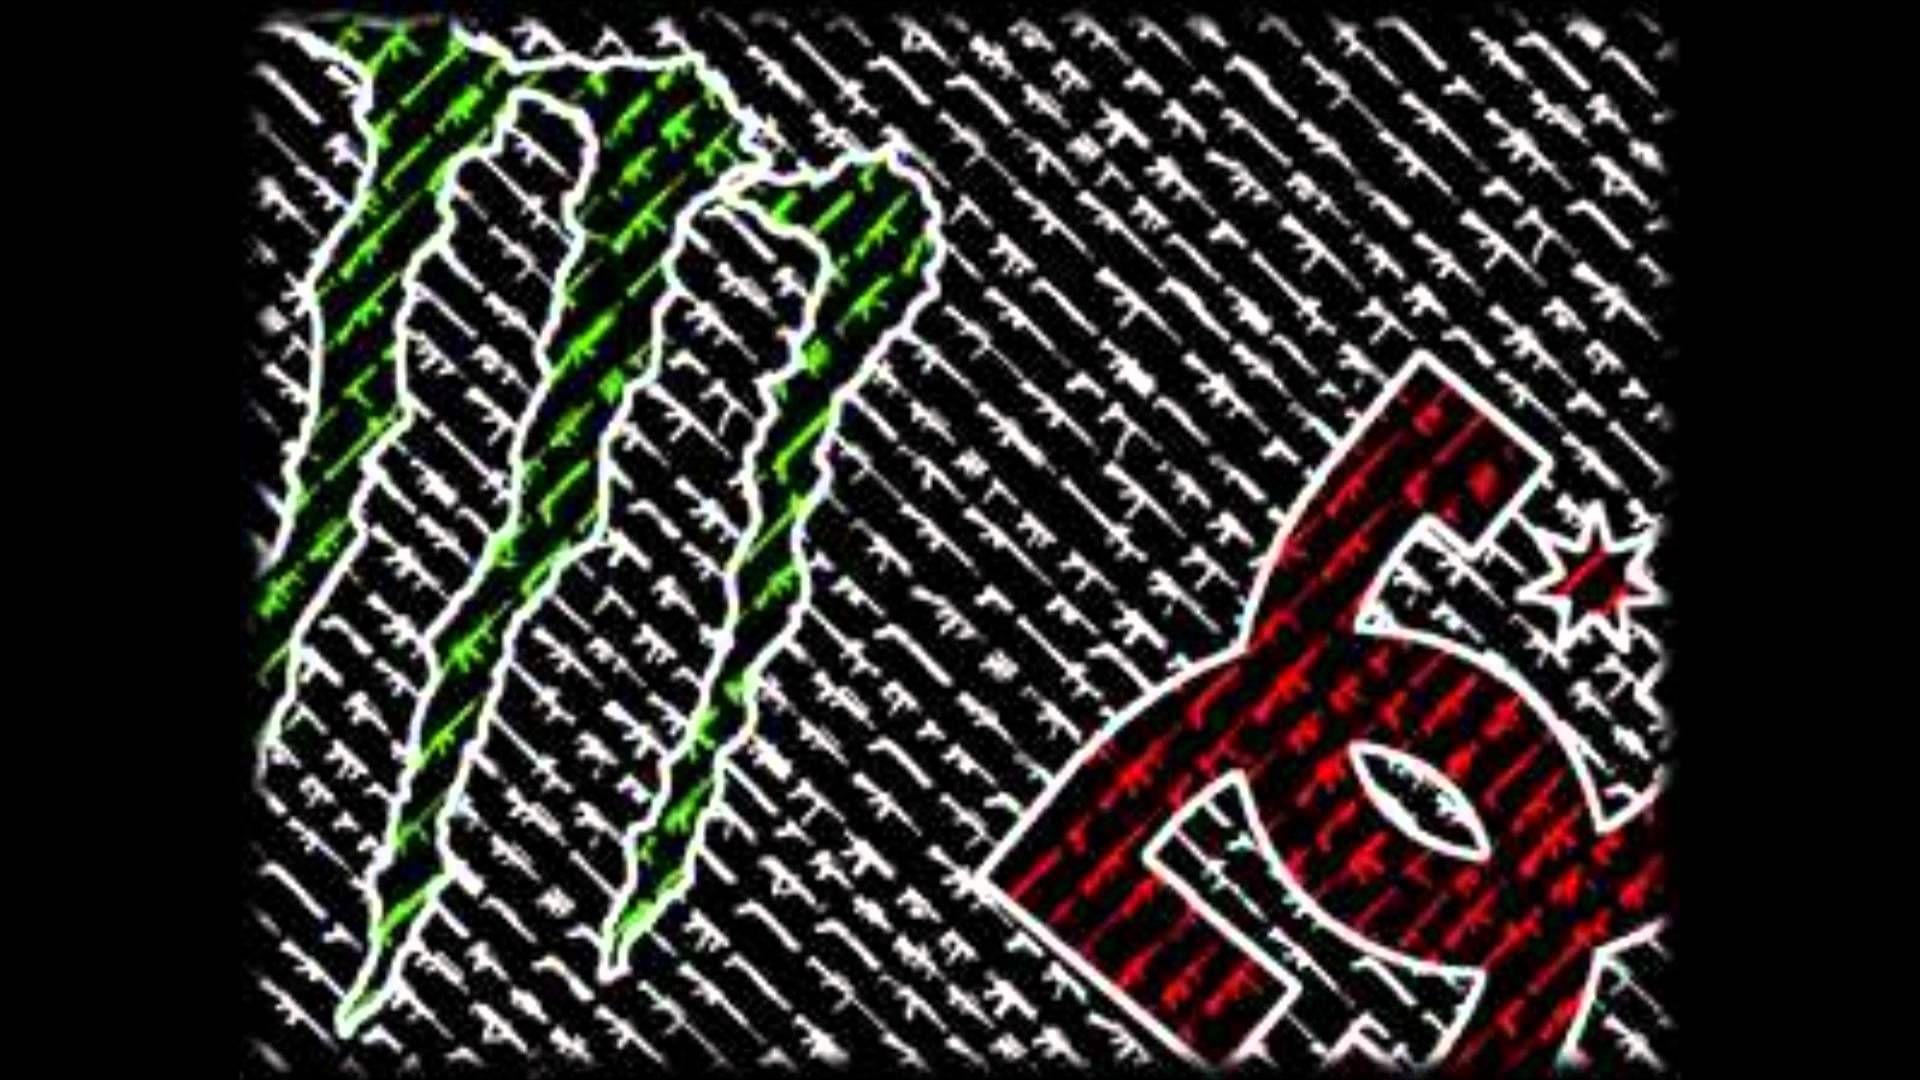 Most Inspiring Wallpaper Logo Fox Racing - 219d01e3b1a9aa8d74c5c5cfc527cc45  Gallery_712822.jpg